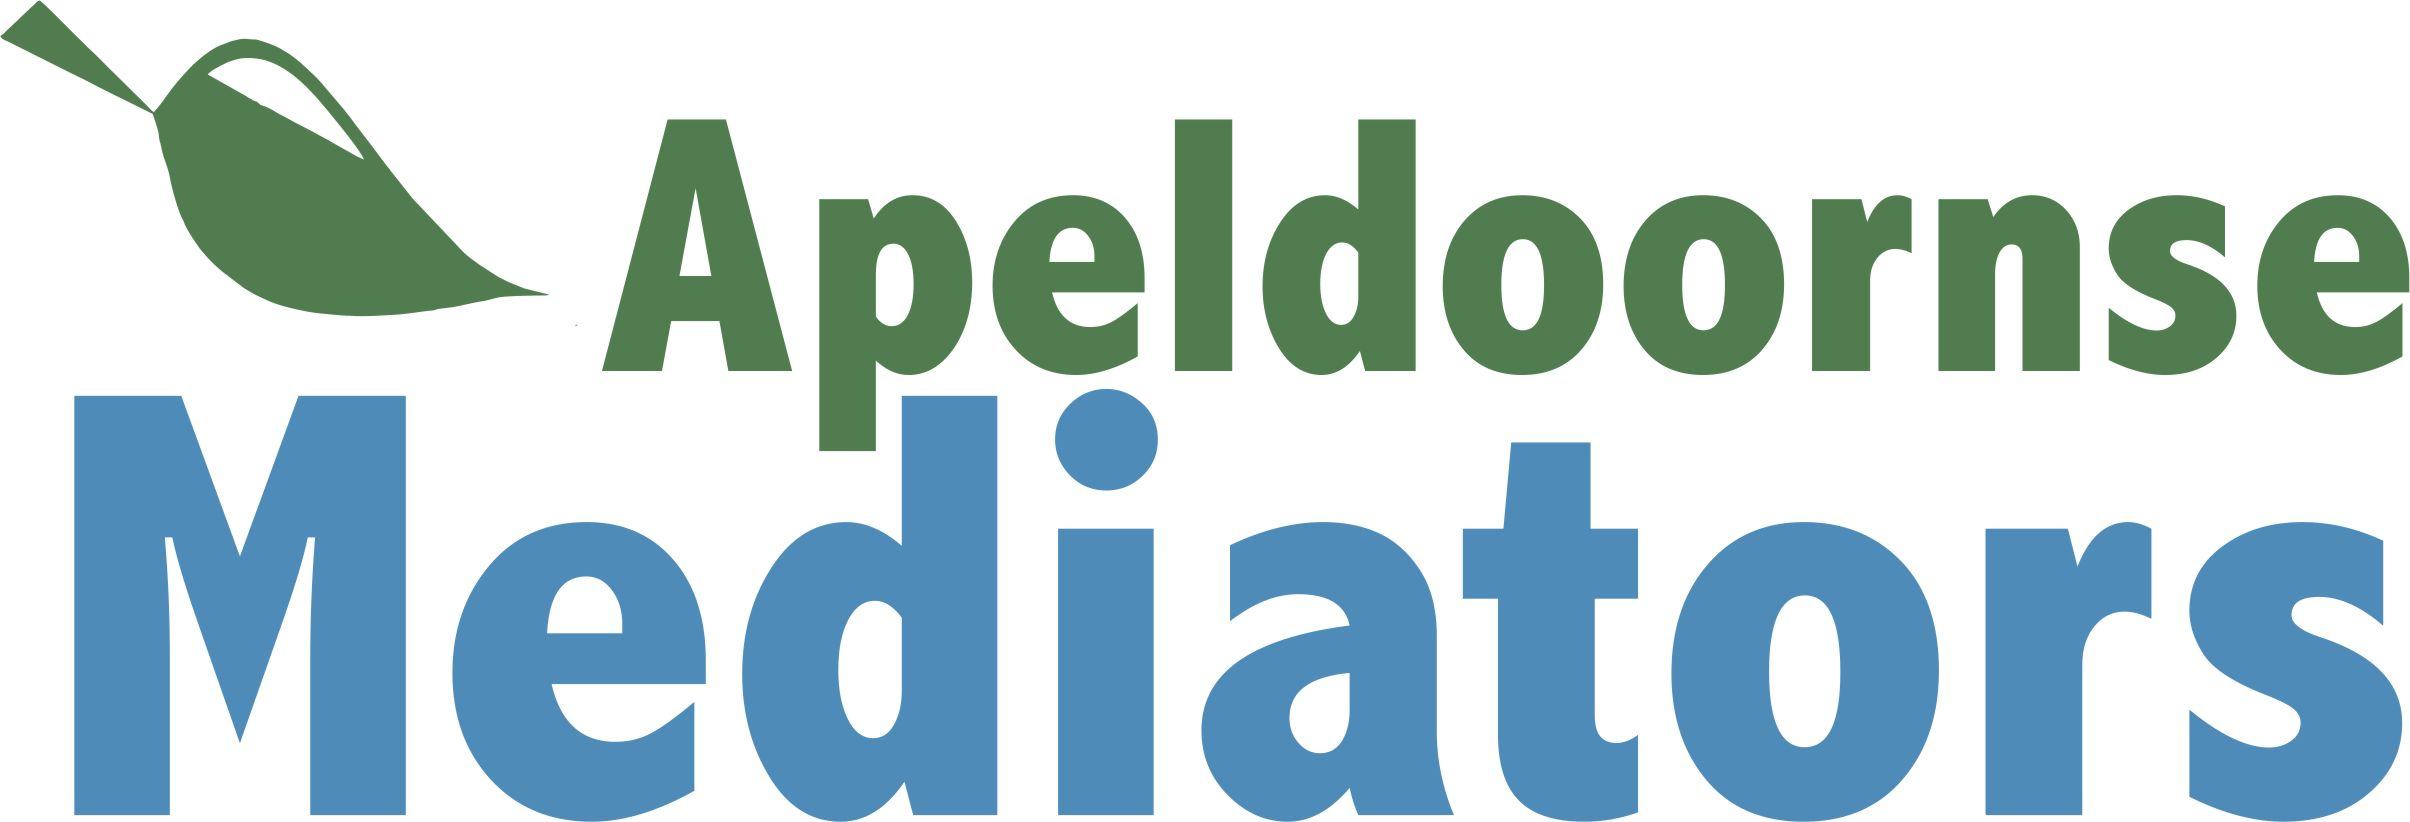 Apeldoornse Mediators